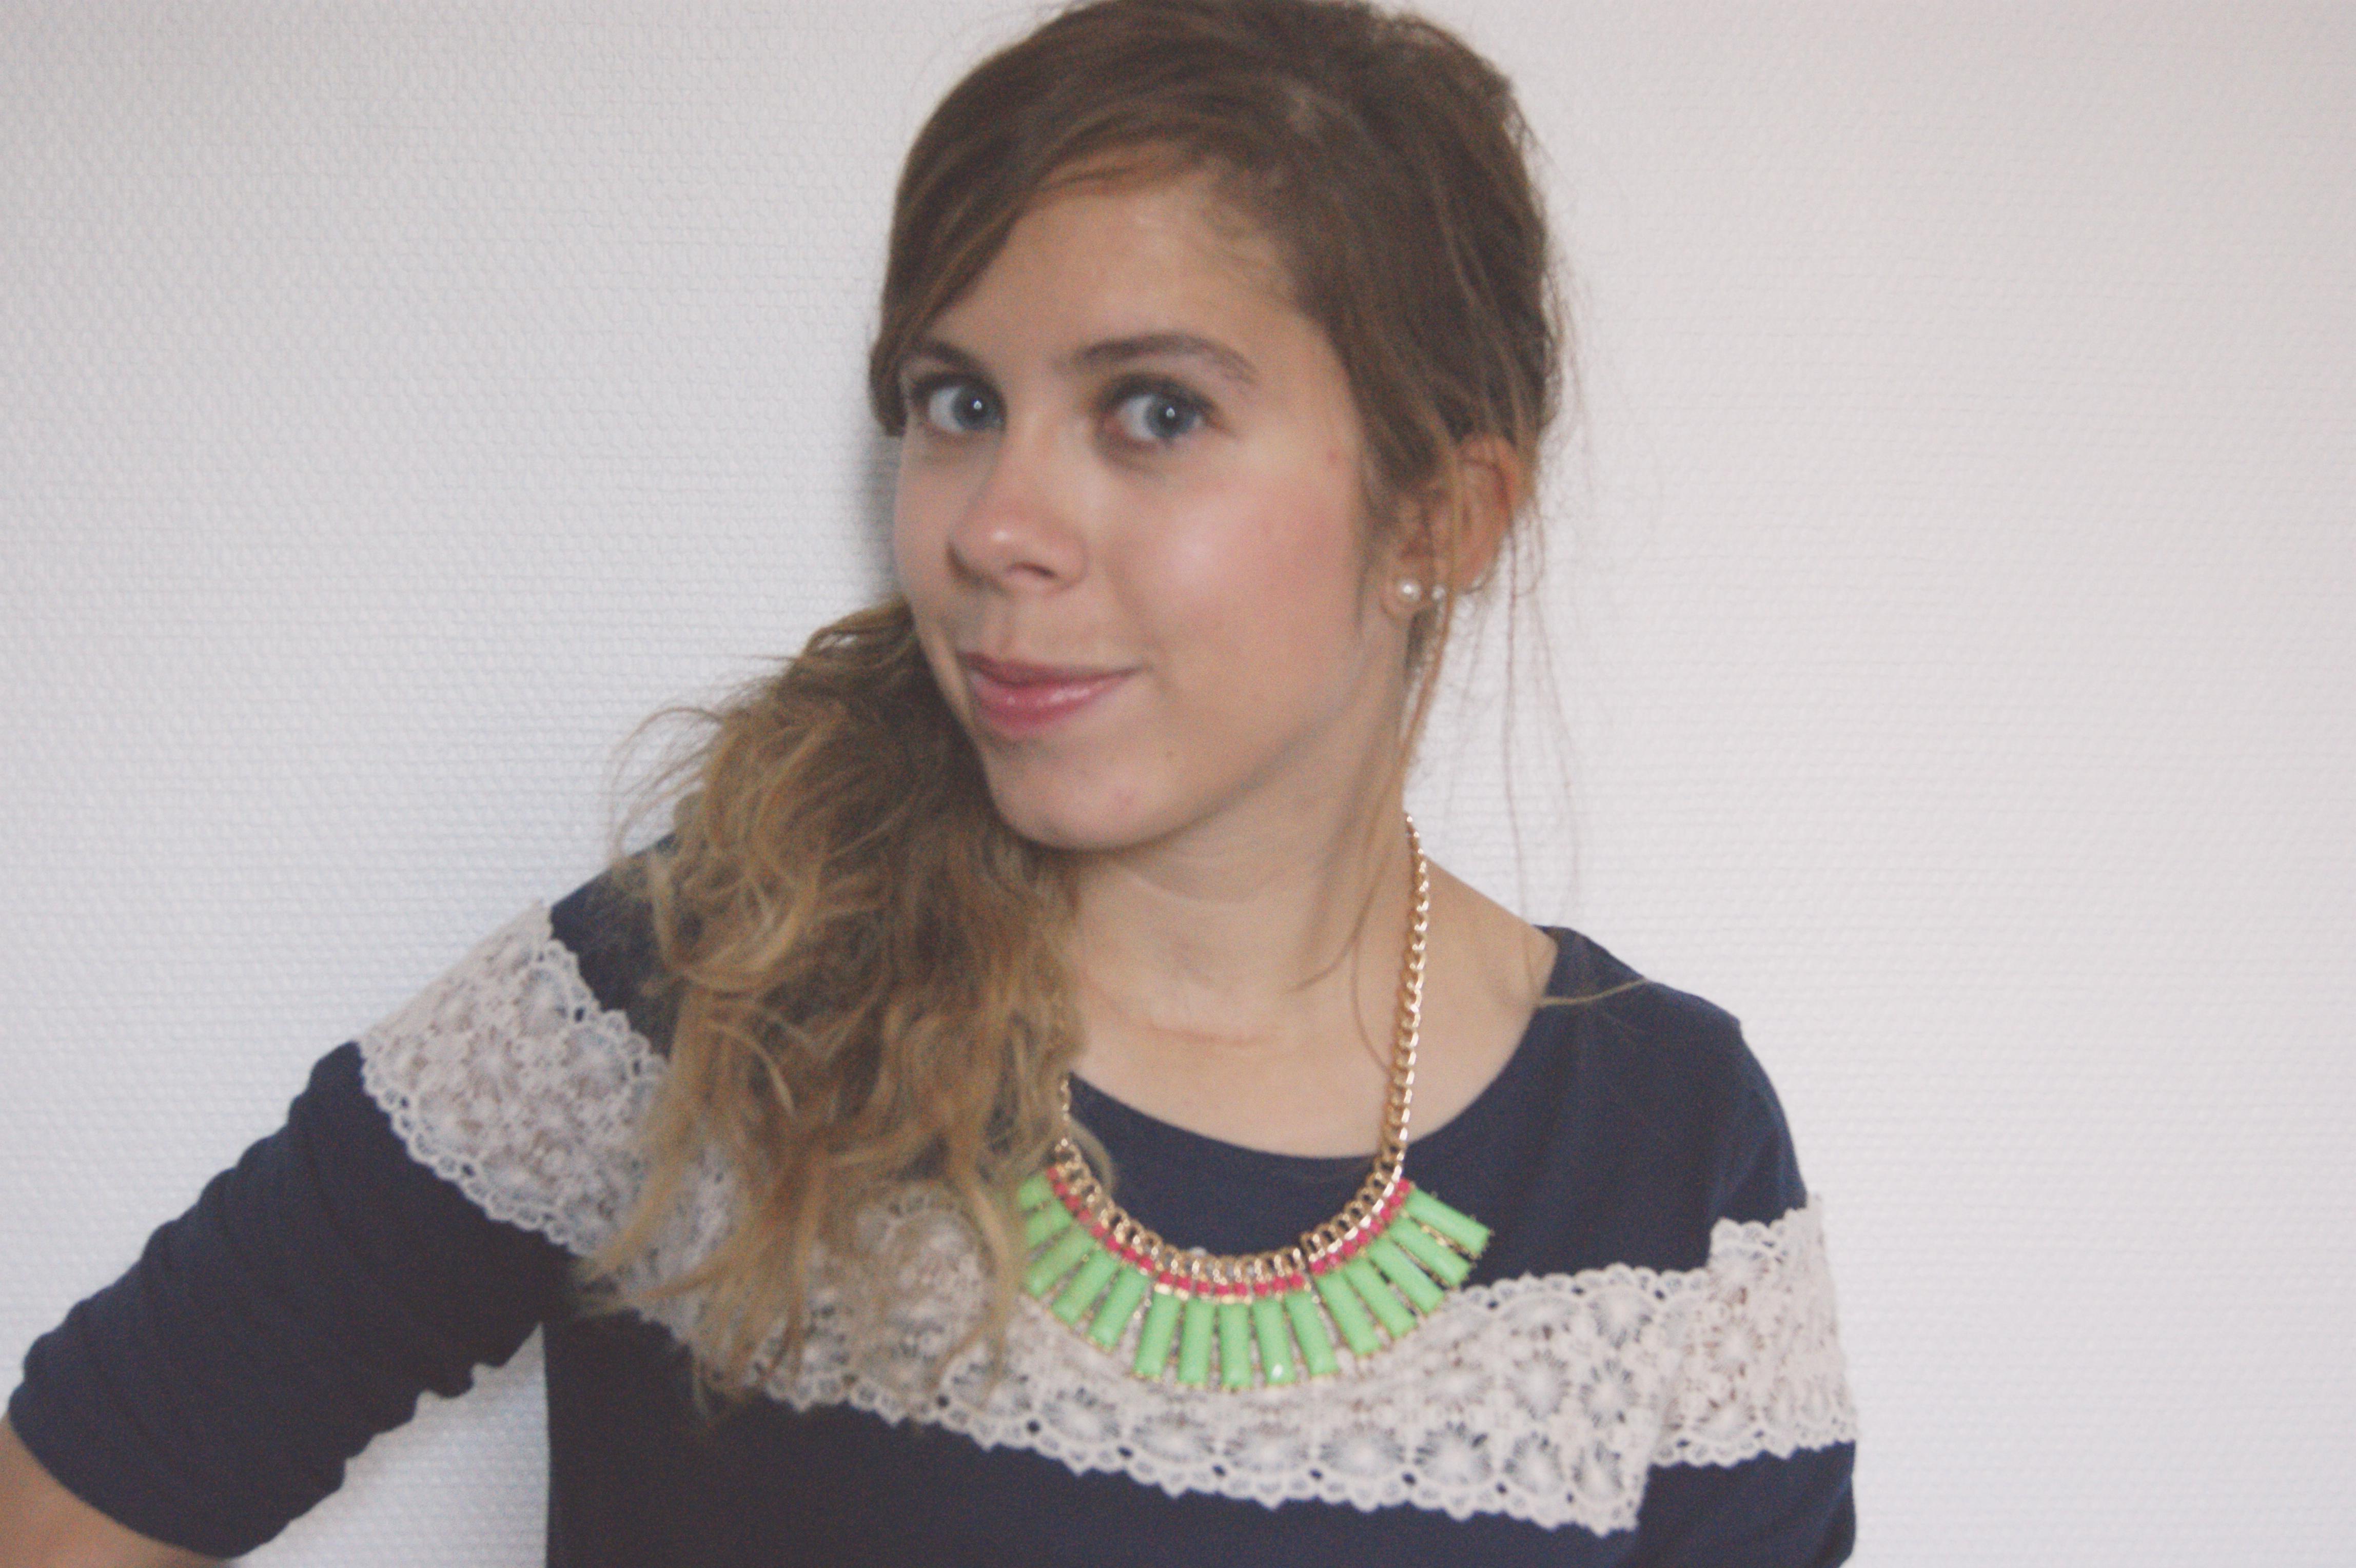 BON PLAN : 15€ chez Naf Naf ! Le So Girly Blog